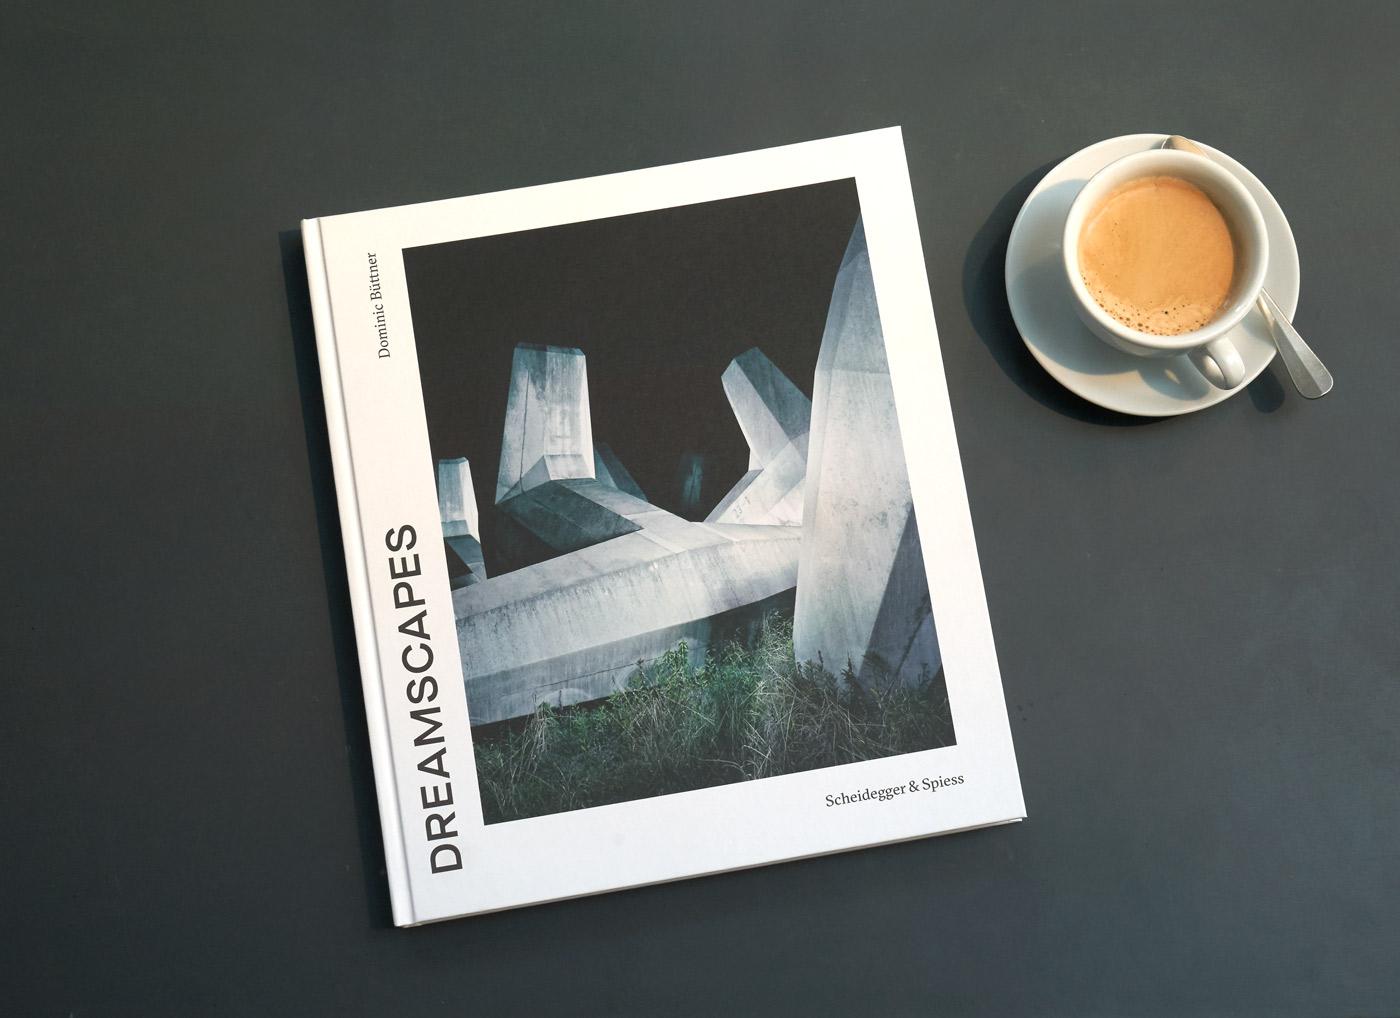 Dreamscapes als Buch erschienen bei Scheidegger&Spiess